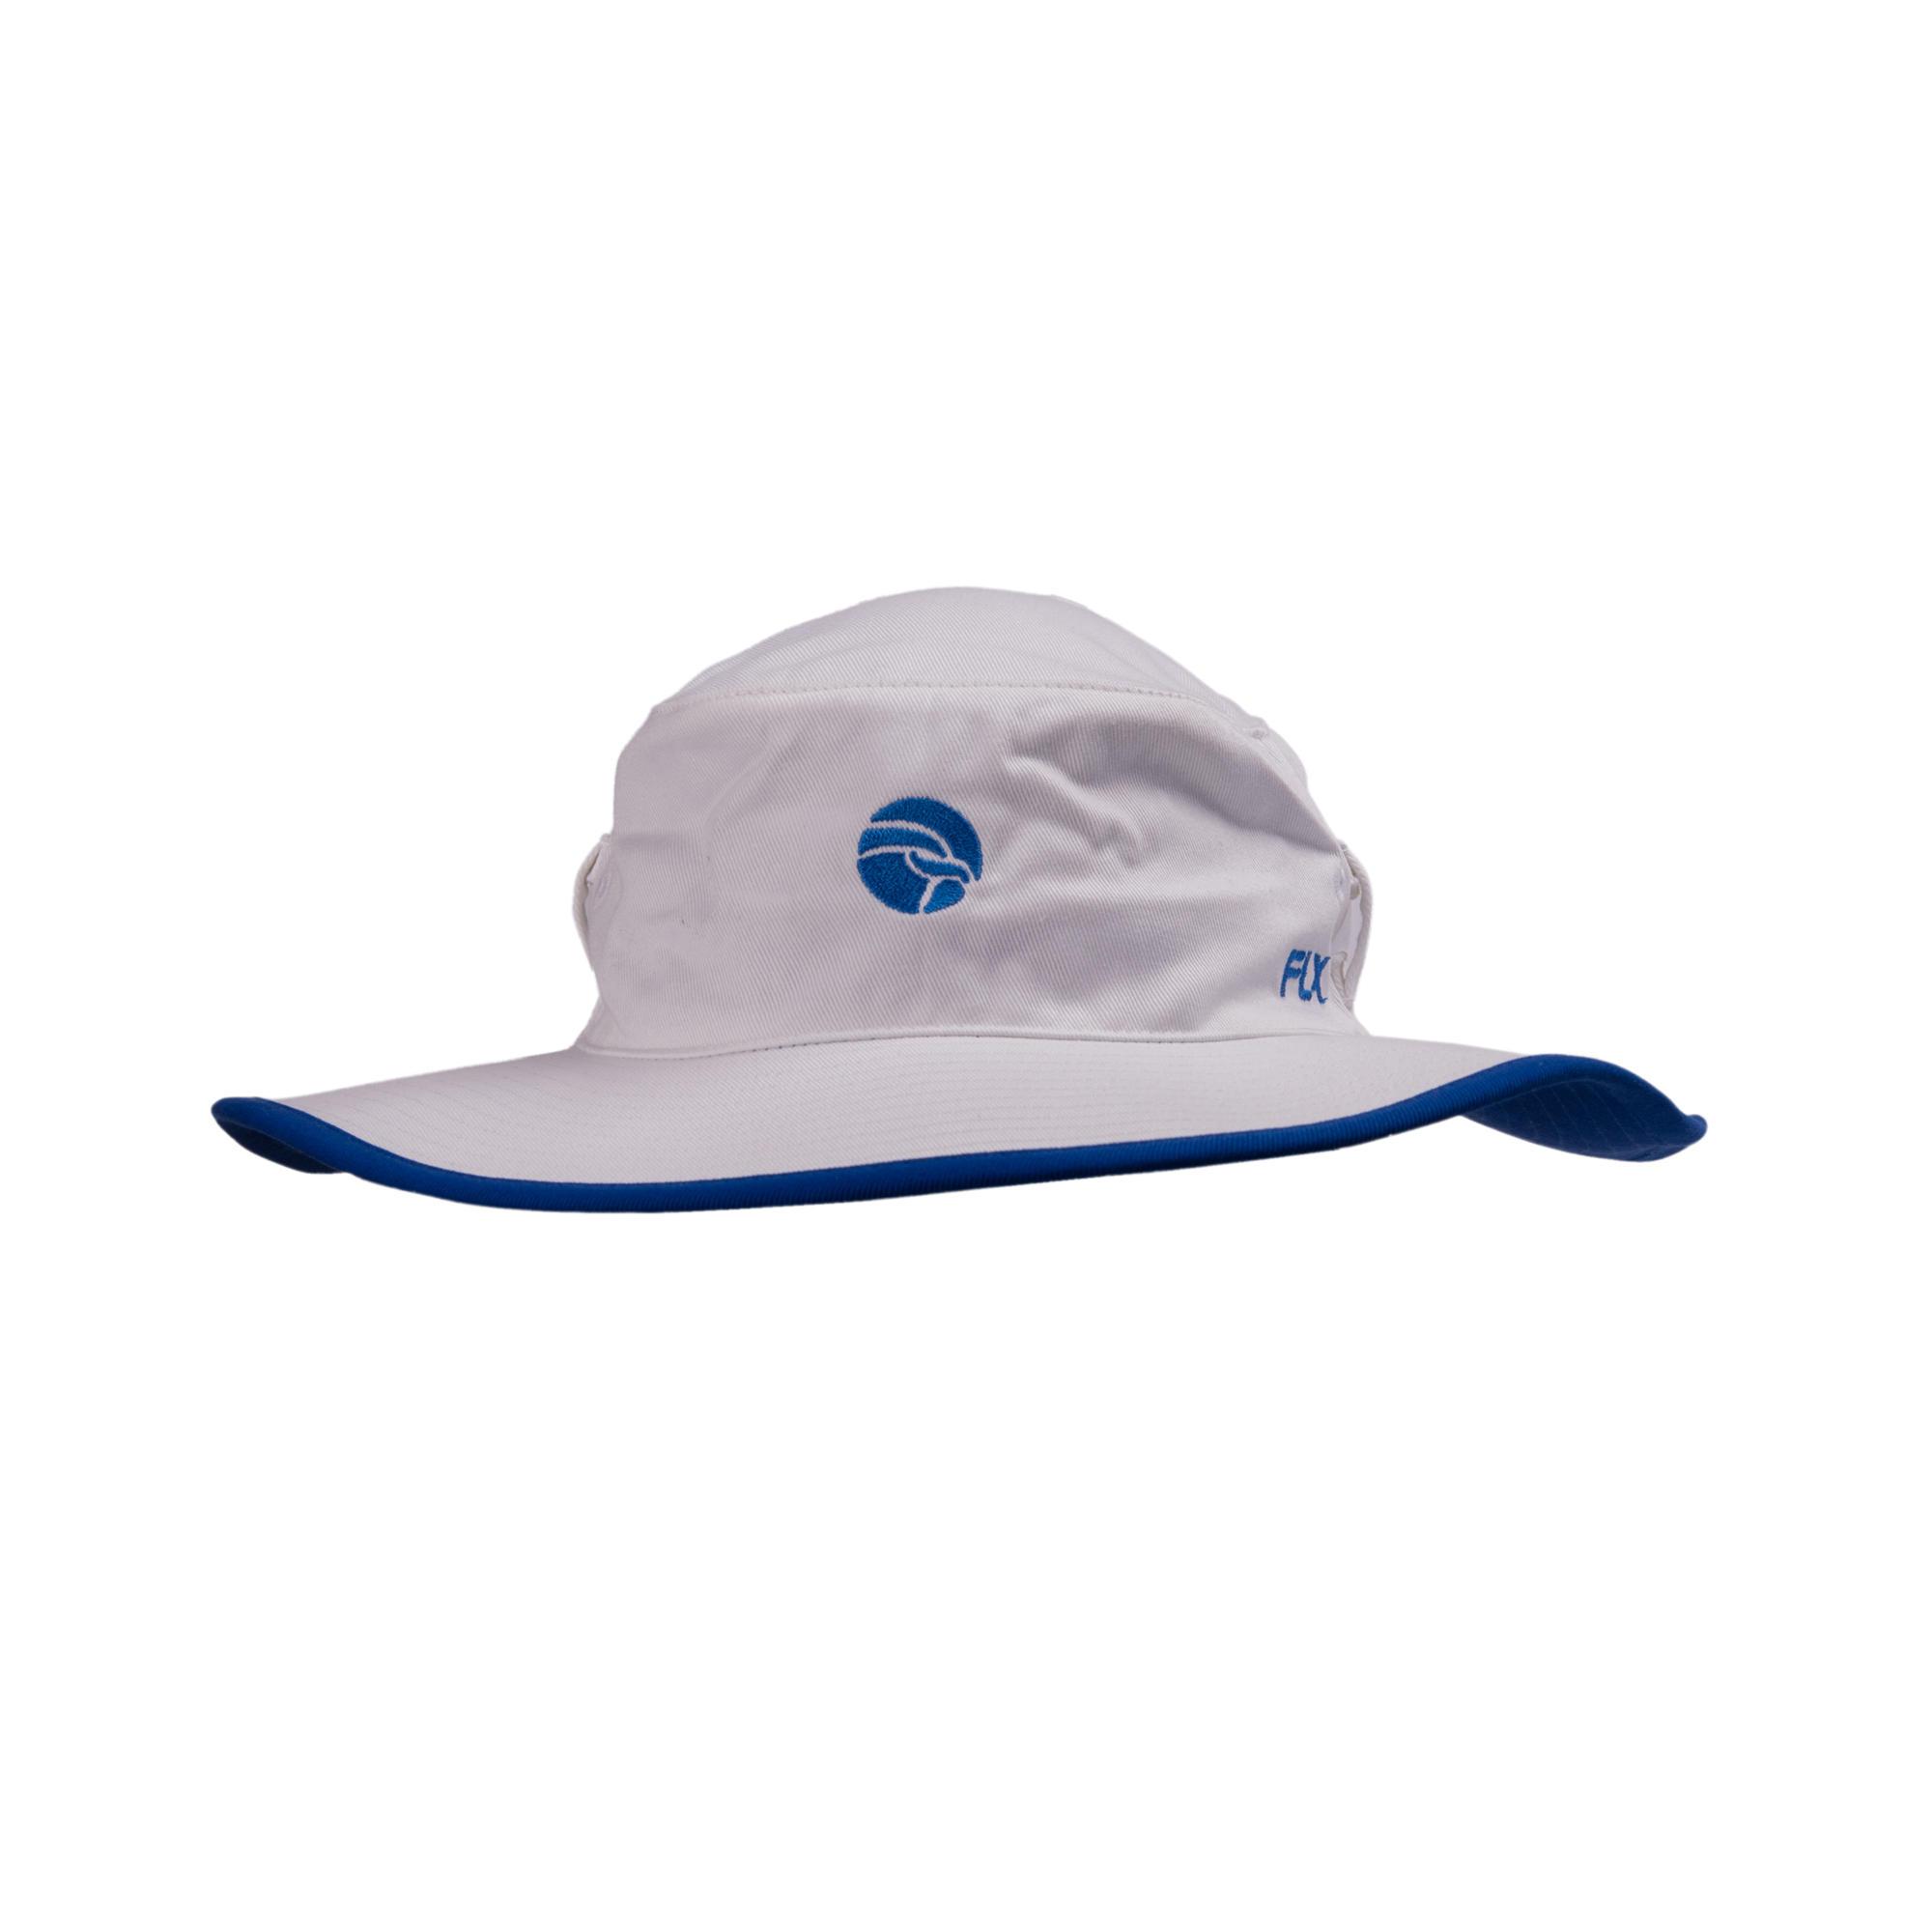 Cricket Hat- White